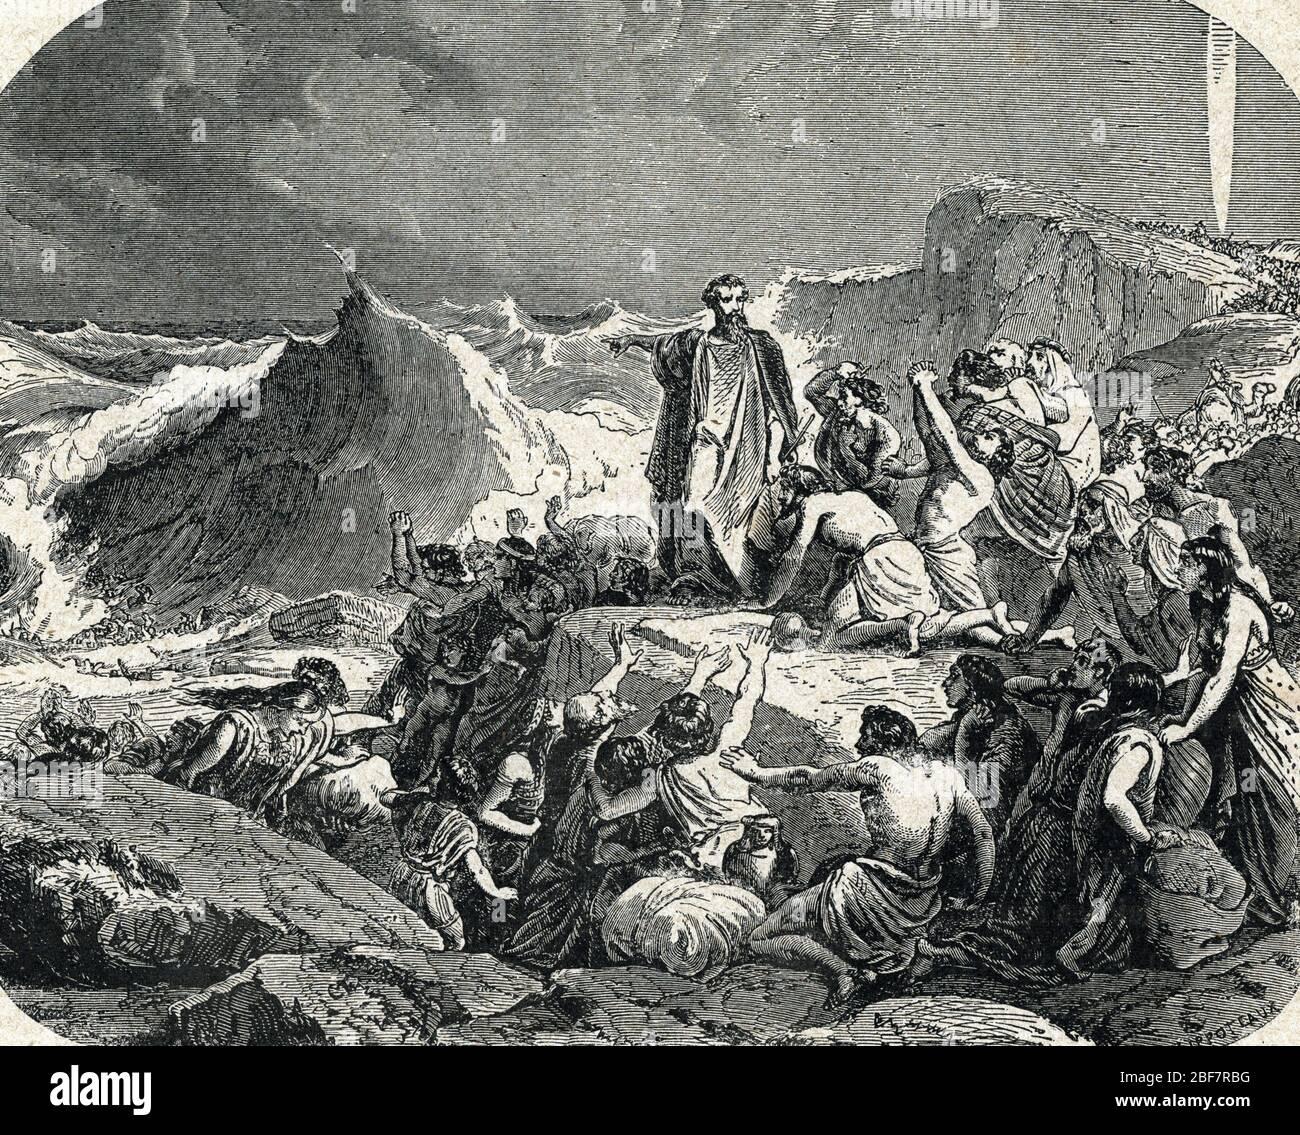 """Moses crossing the Red Sea - Le passage de la Mer Rouge : Moise separant la Mer Rouge Gravure tiree de 'L'histoire sainte"""" de Lahure 19eme siecle Coll Stock Photo"""